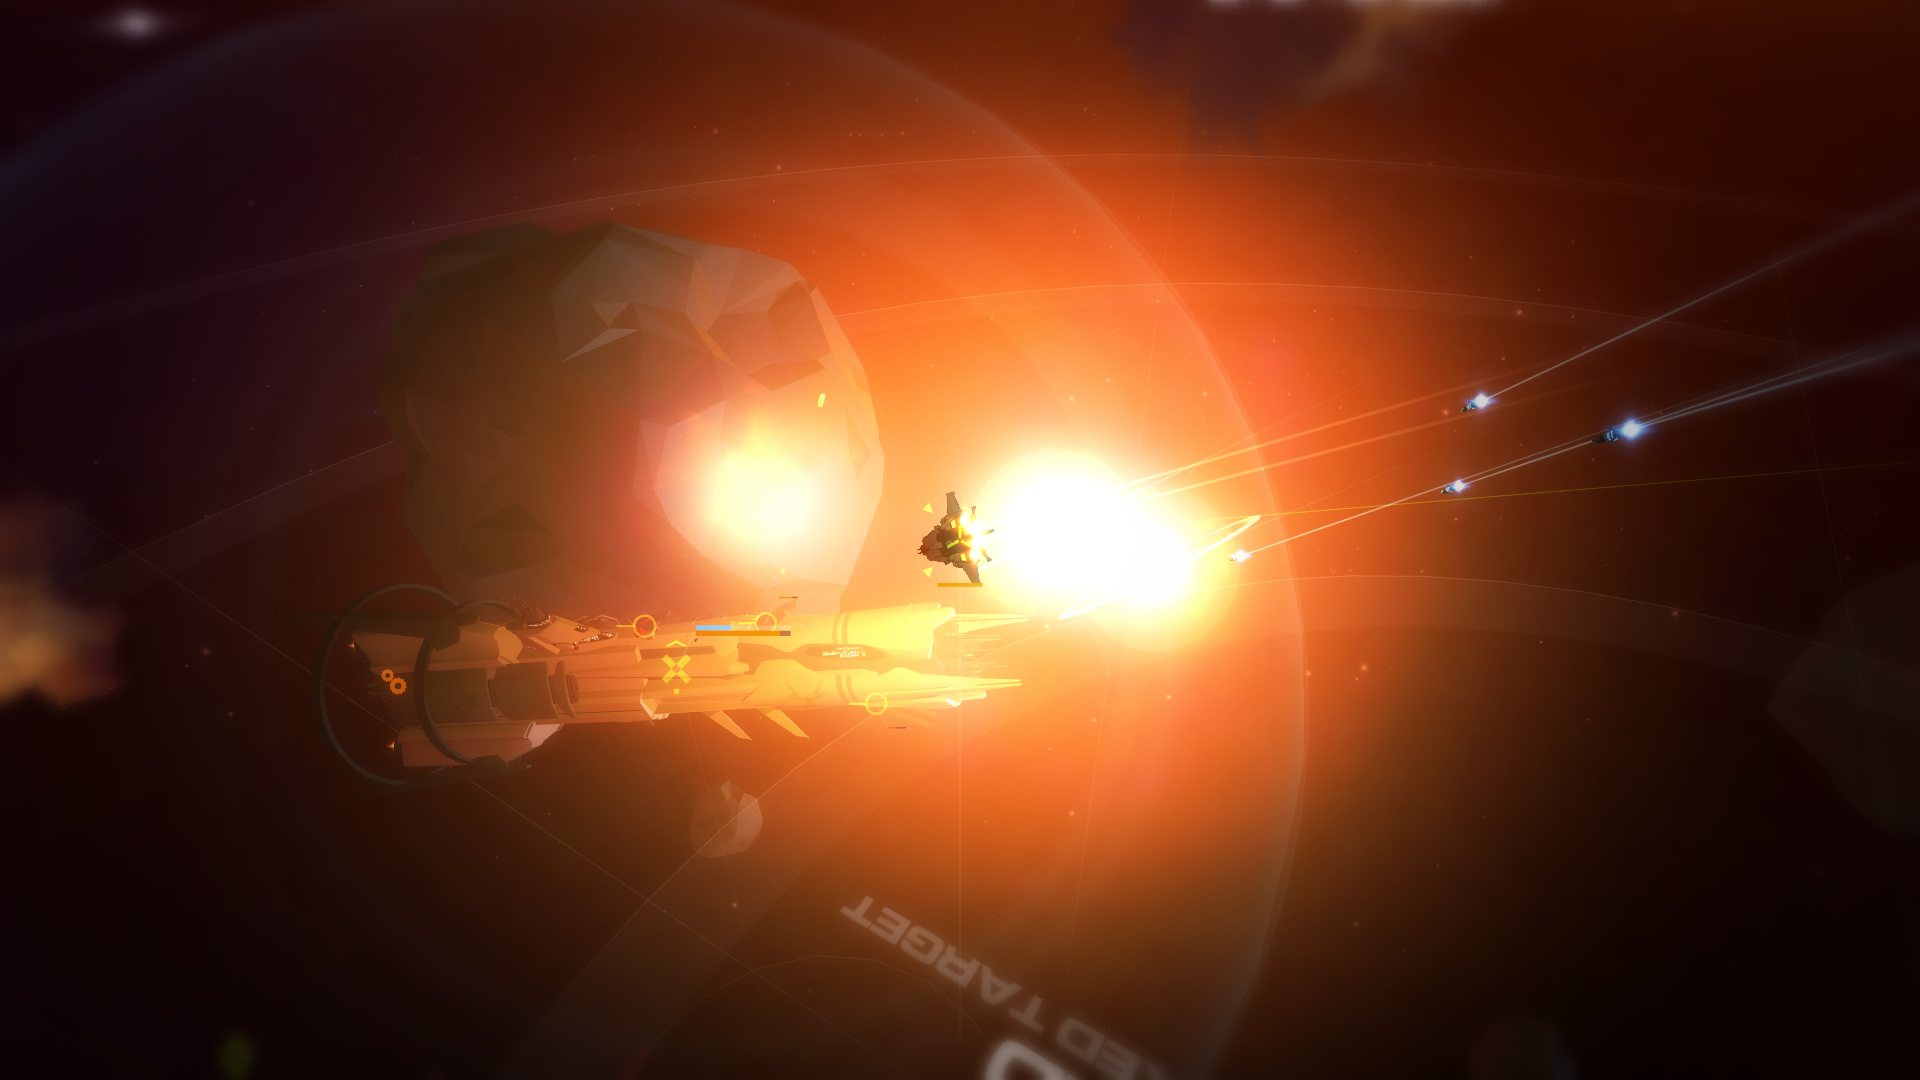 enemystarfighter_2015-09-25_18-52-22.png